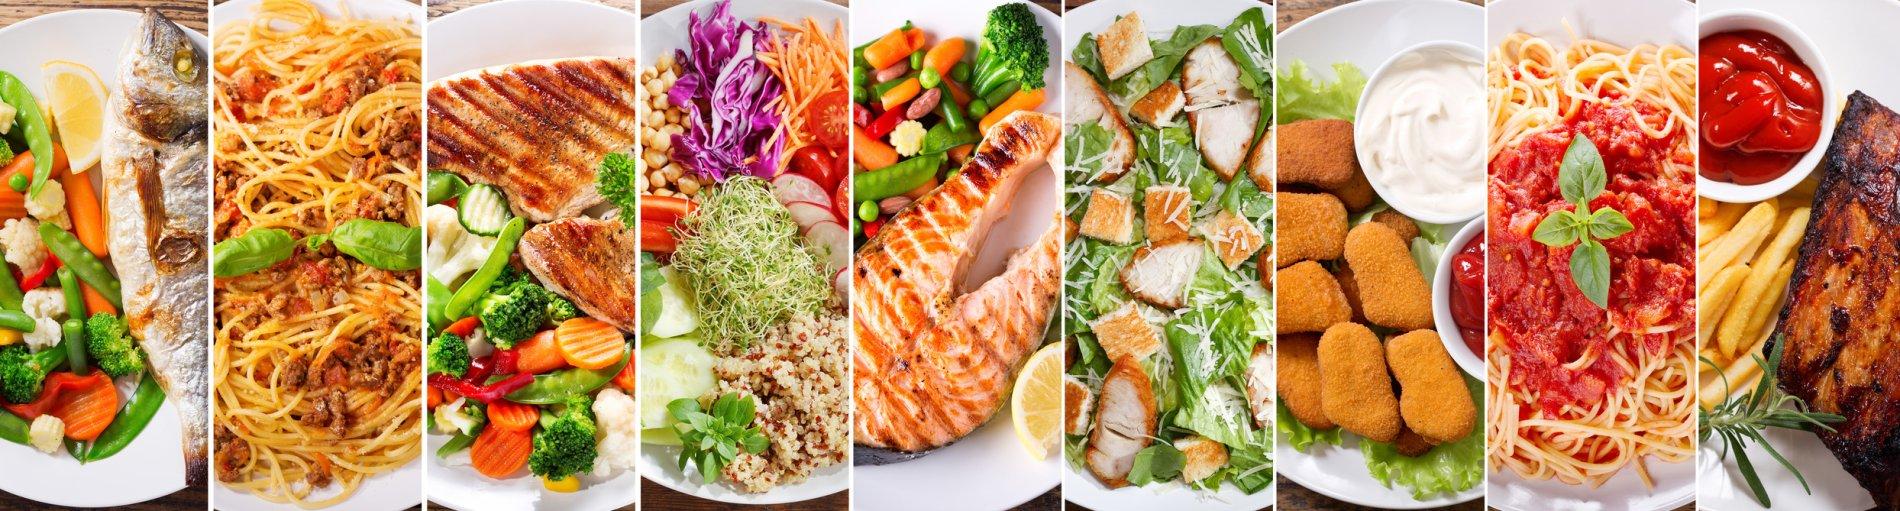 Viele verschiedene Teller mit Gerichten sind in einer Fotostory nebeneinander arrangiert. Auf den Tellern befinden sich Gerichte wie gebratener Lachs, Steak, Pommes, Pasta oder Chicken Nuggets.